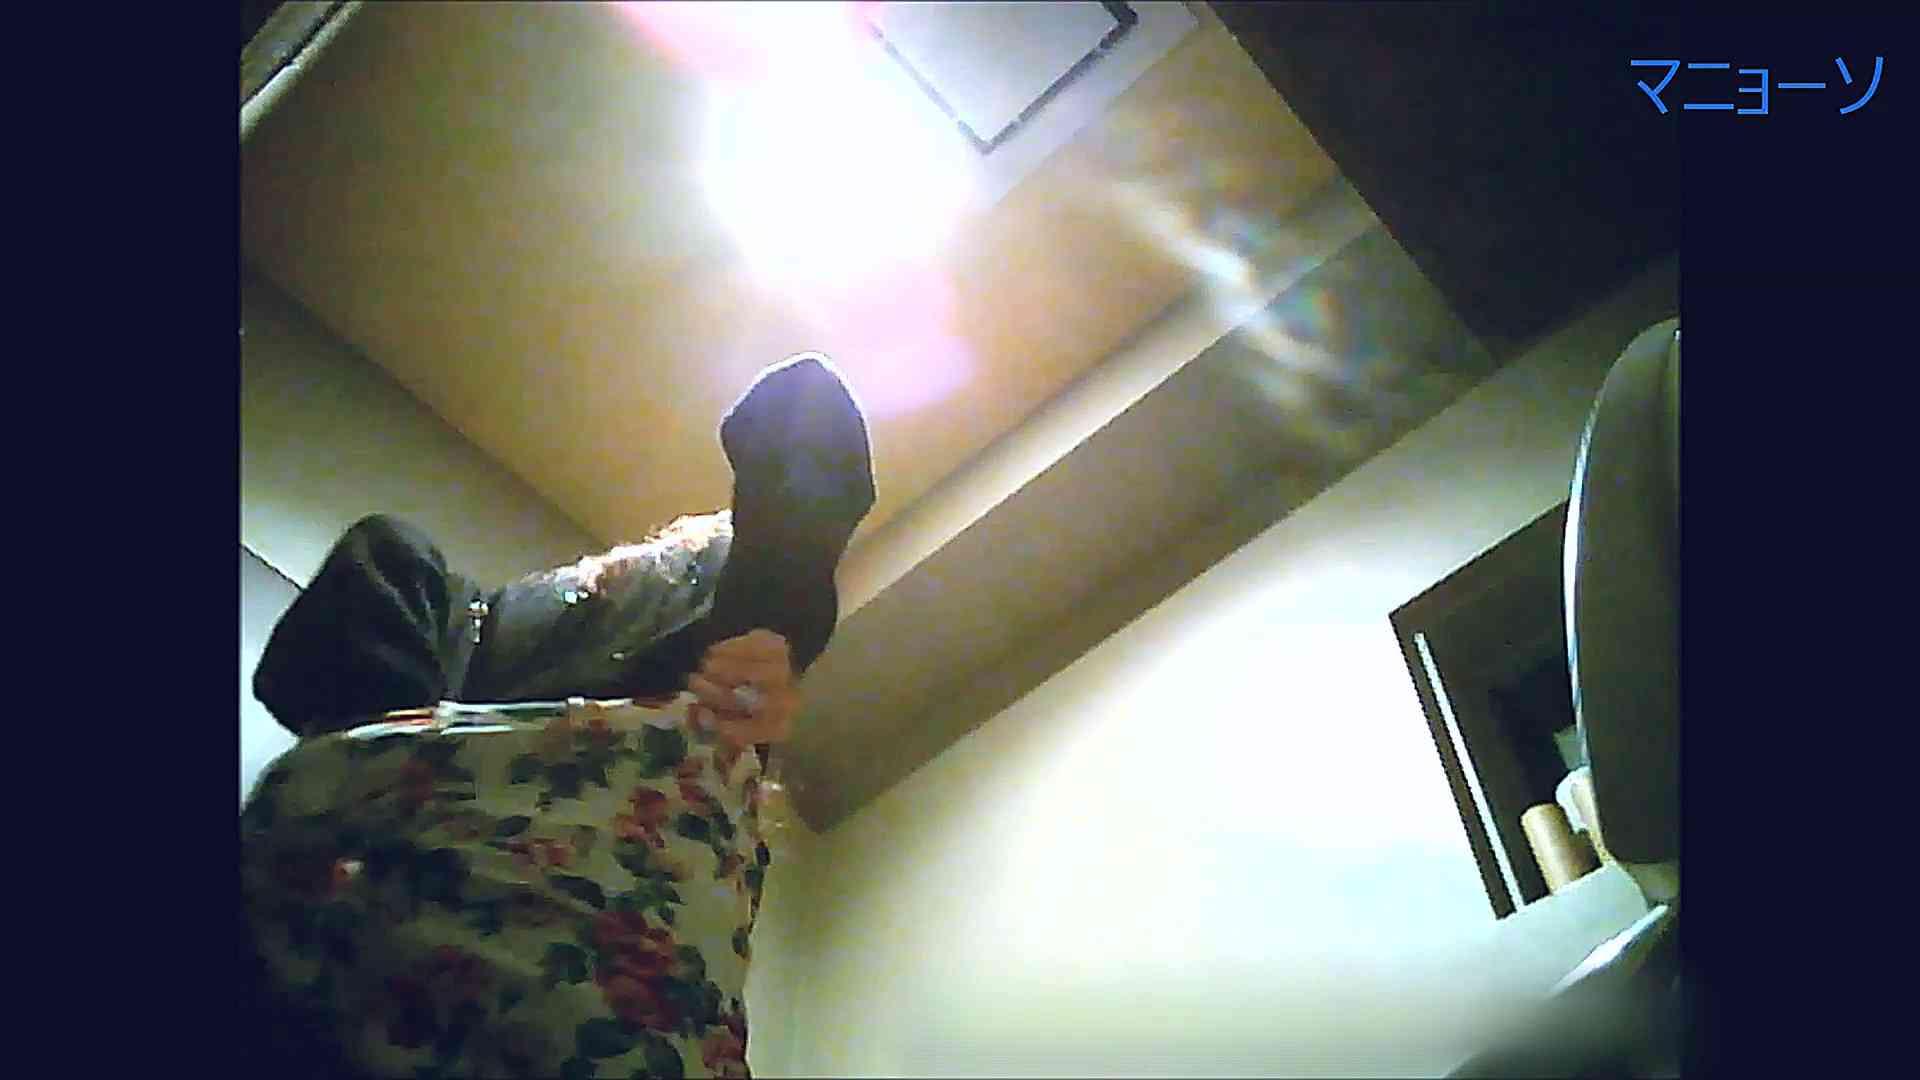 トイレでひと肌脱いでもらいました (OL編)Vol.13 トイレ | OLの実態  95pic 67